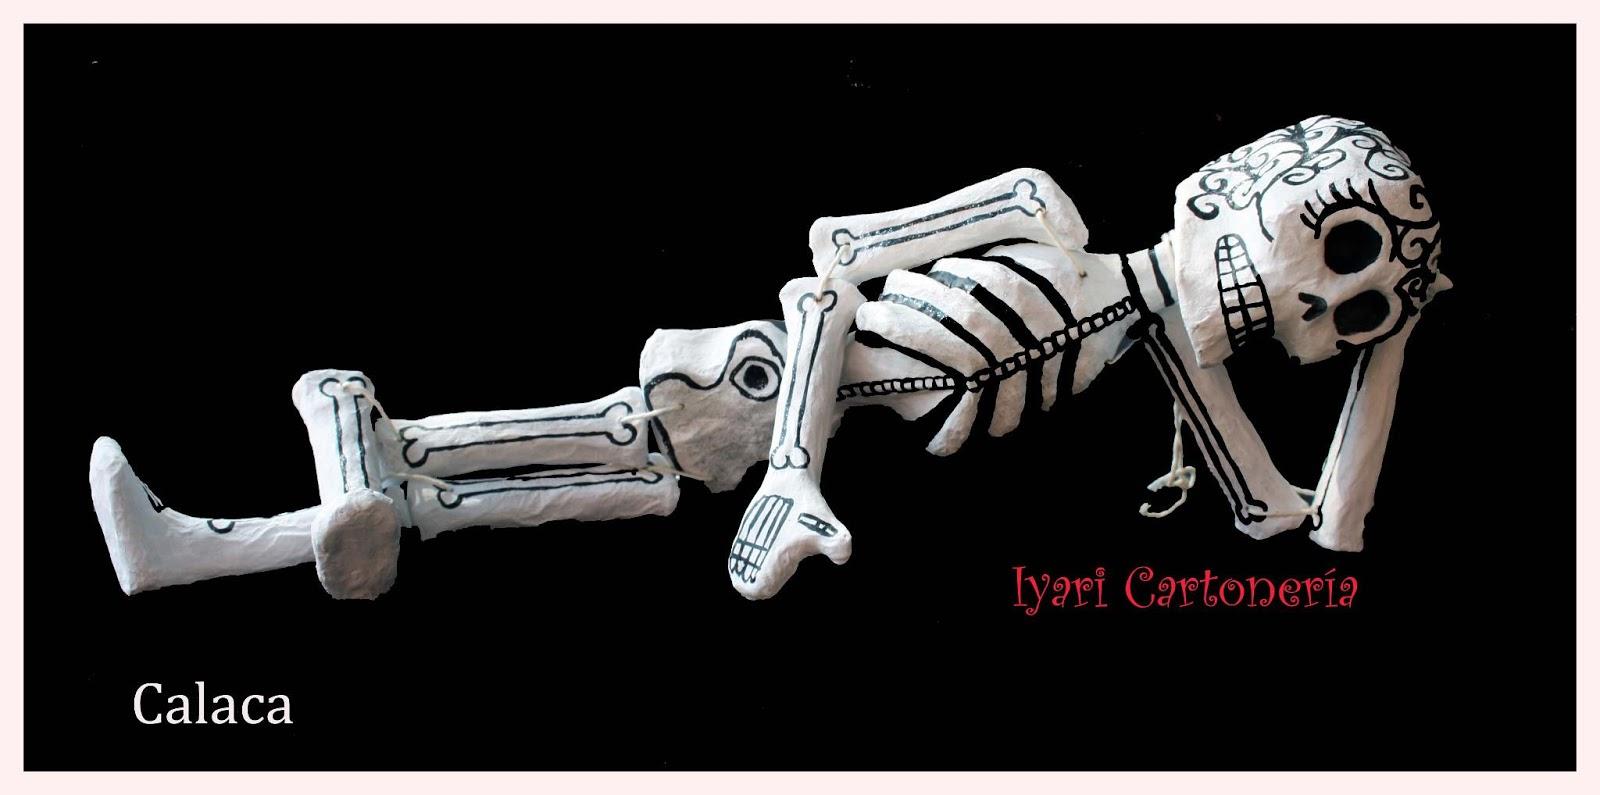 Iyari cartoner a cocinando calaveras y esqueletos - Apartamentos dv barcelona ...